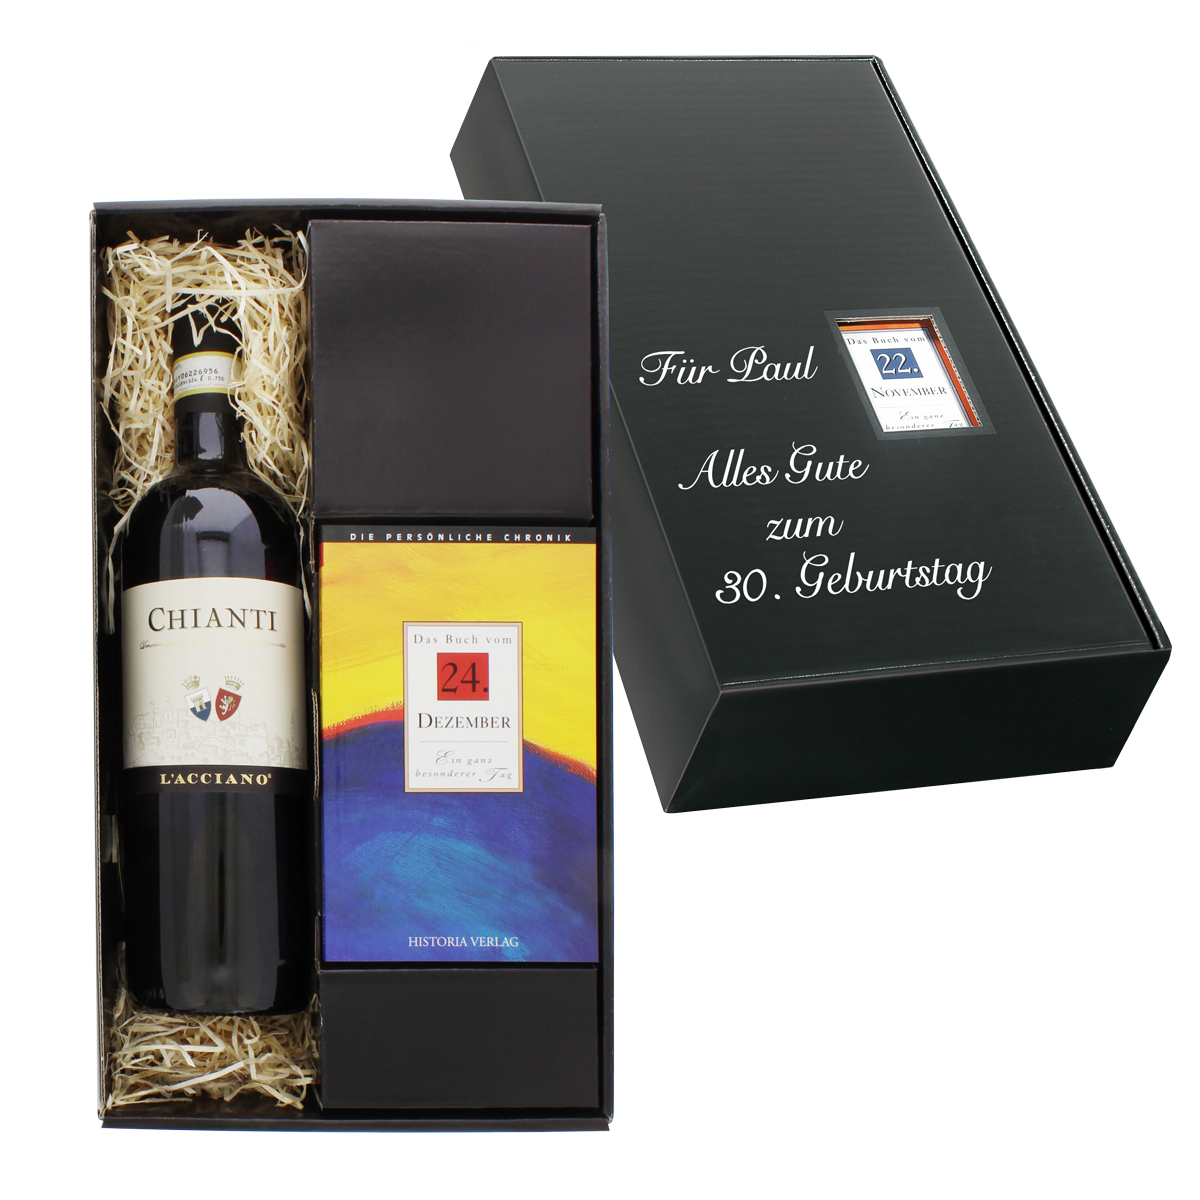 Italien-Set: Tageschronik vom 14. Juni & Chianti-Wein